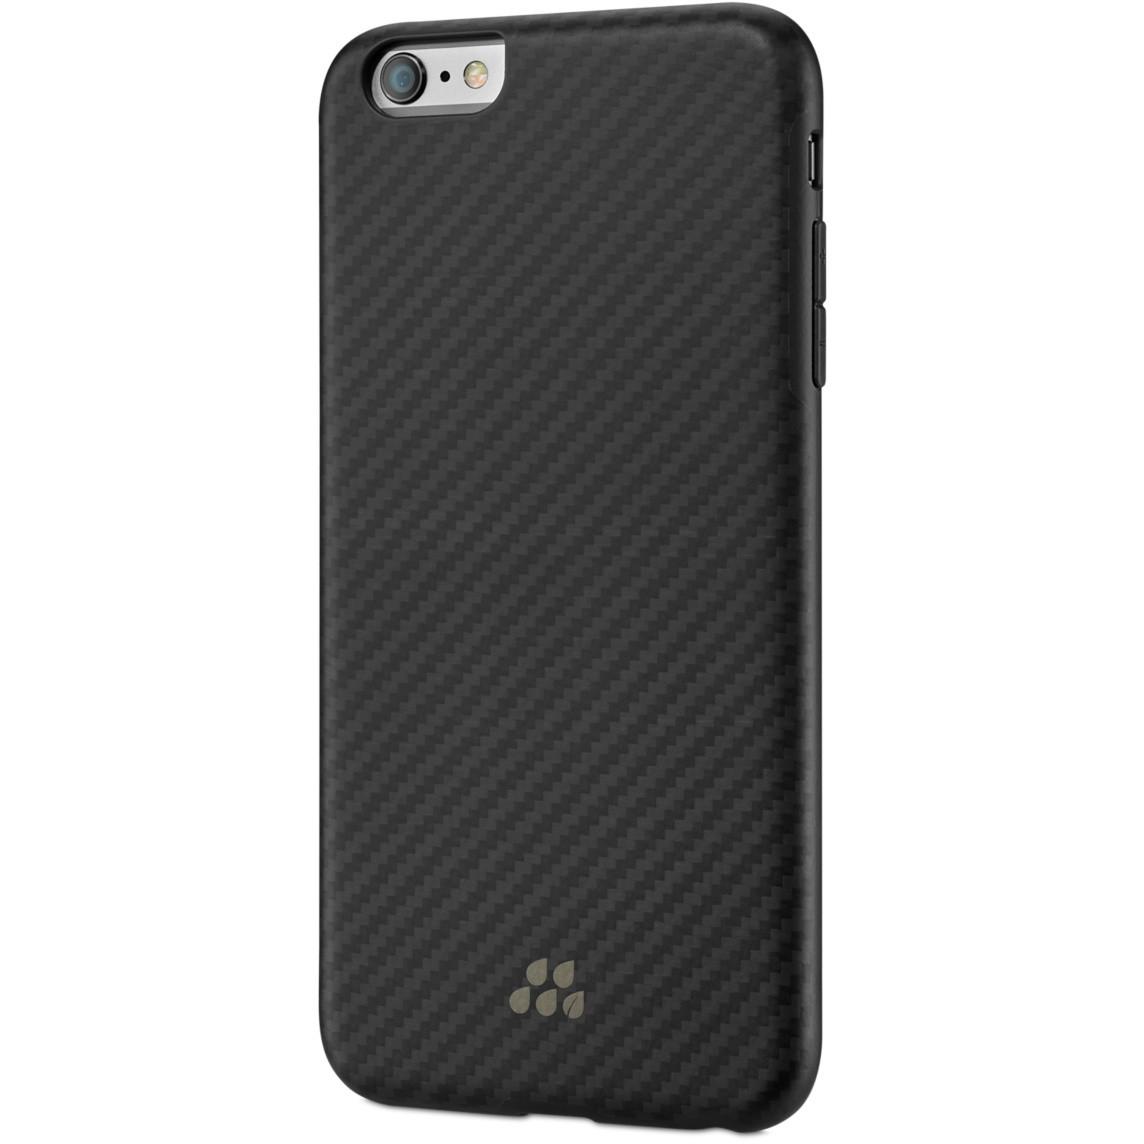 Nasazovací pouzdro Evutec Karbon SI na iPhone 6 Plus - černé